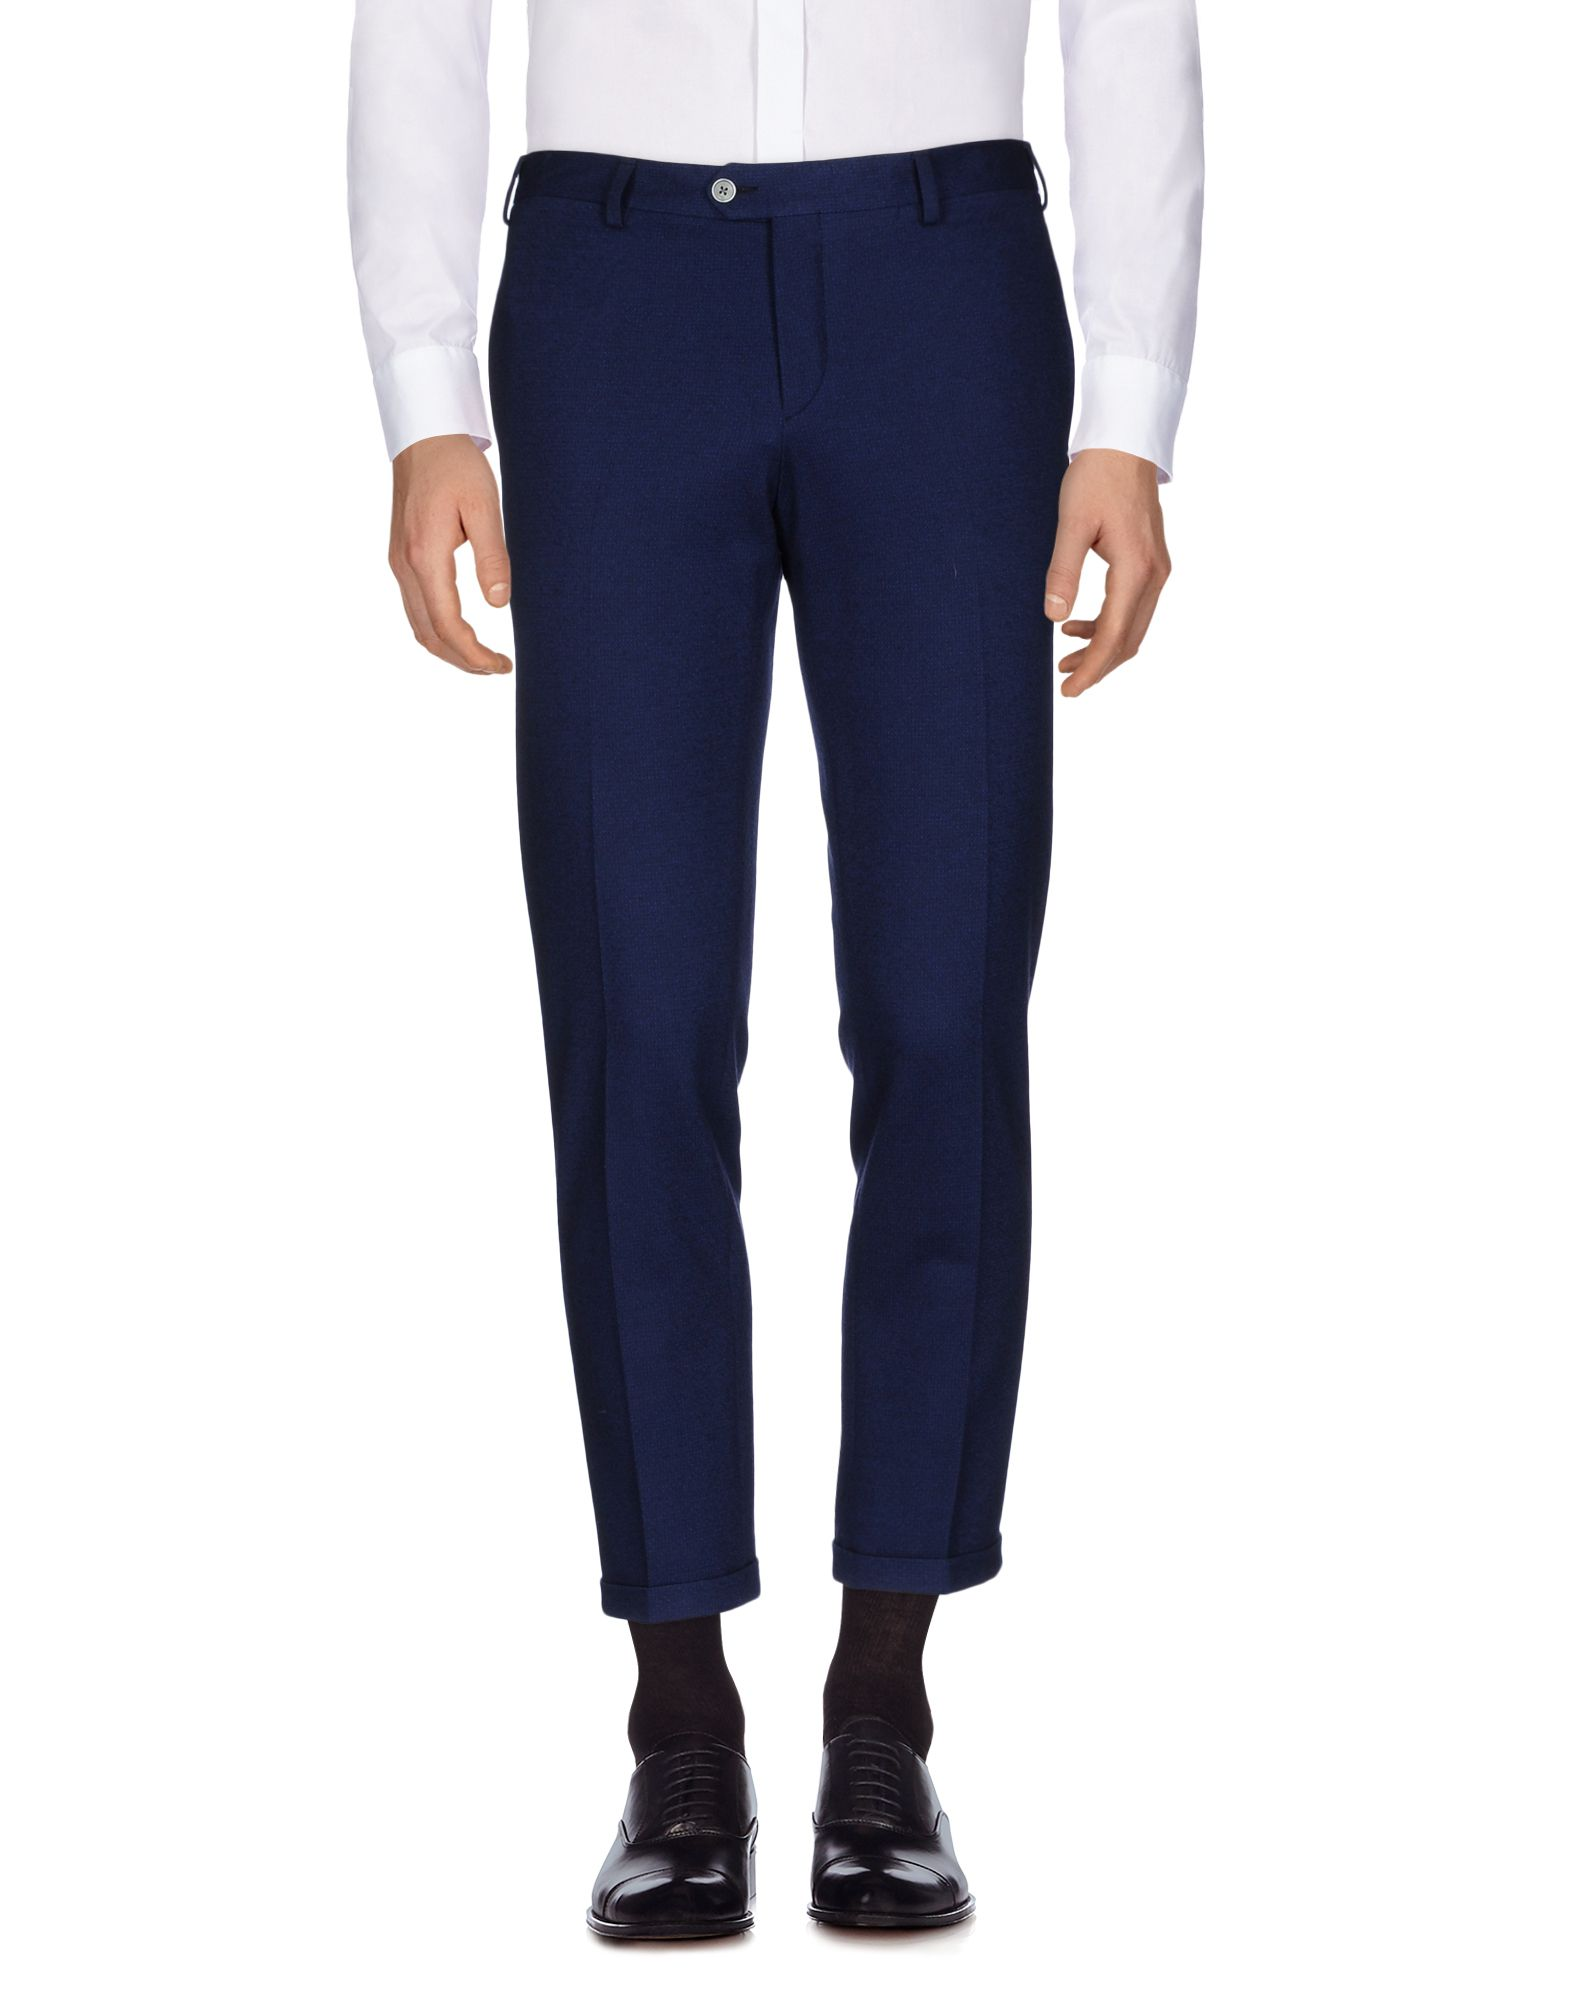 《期間限定セール開催中!》JOHN SHEEP メンズ パンツ ブルー 48 バージンウール / コットン / ナイロン